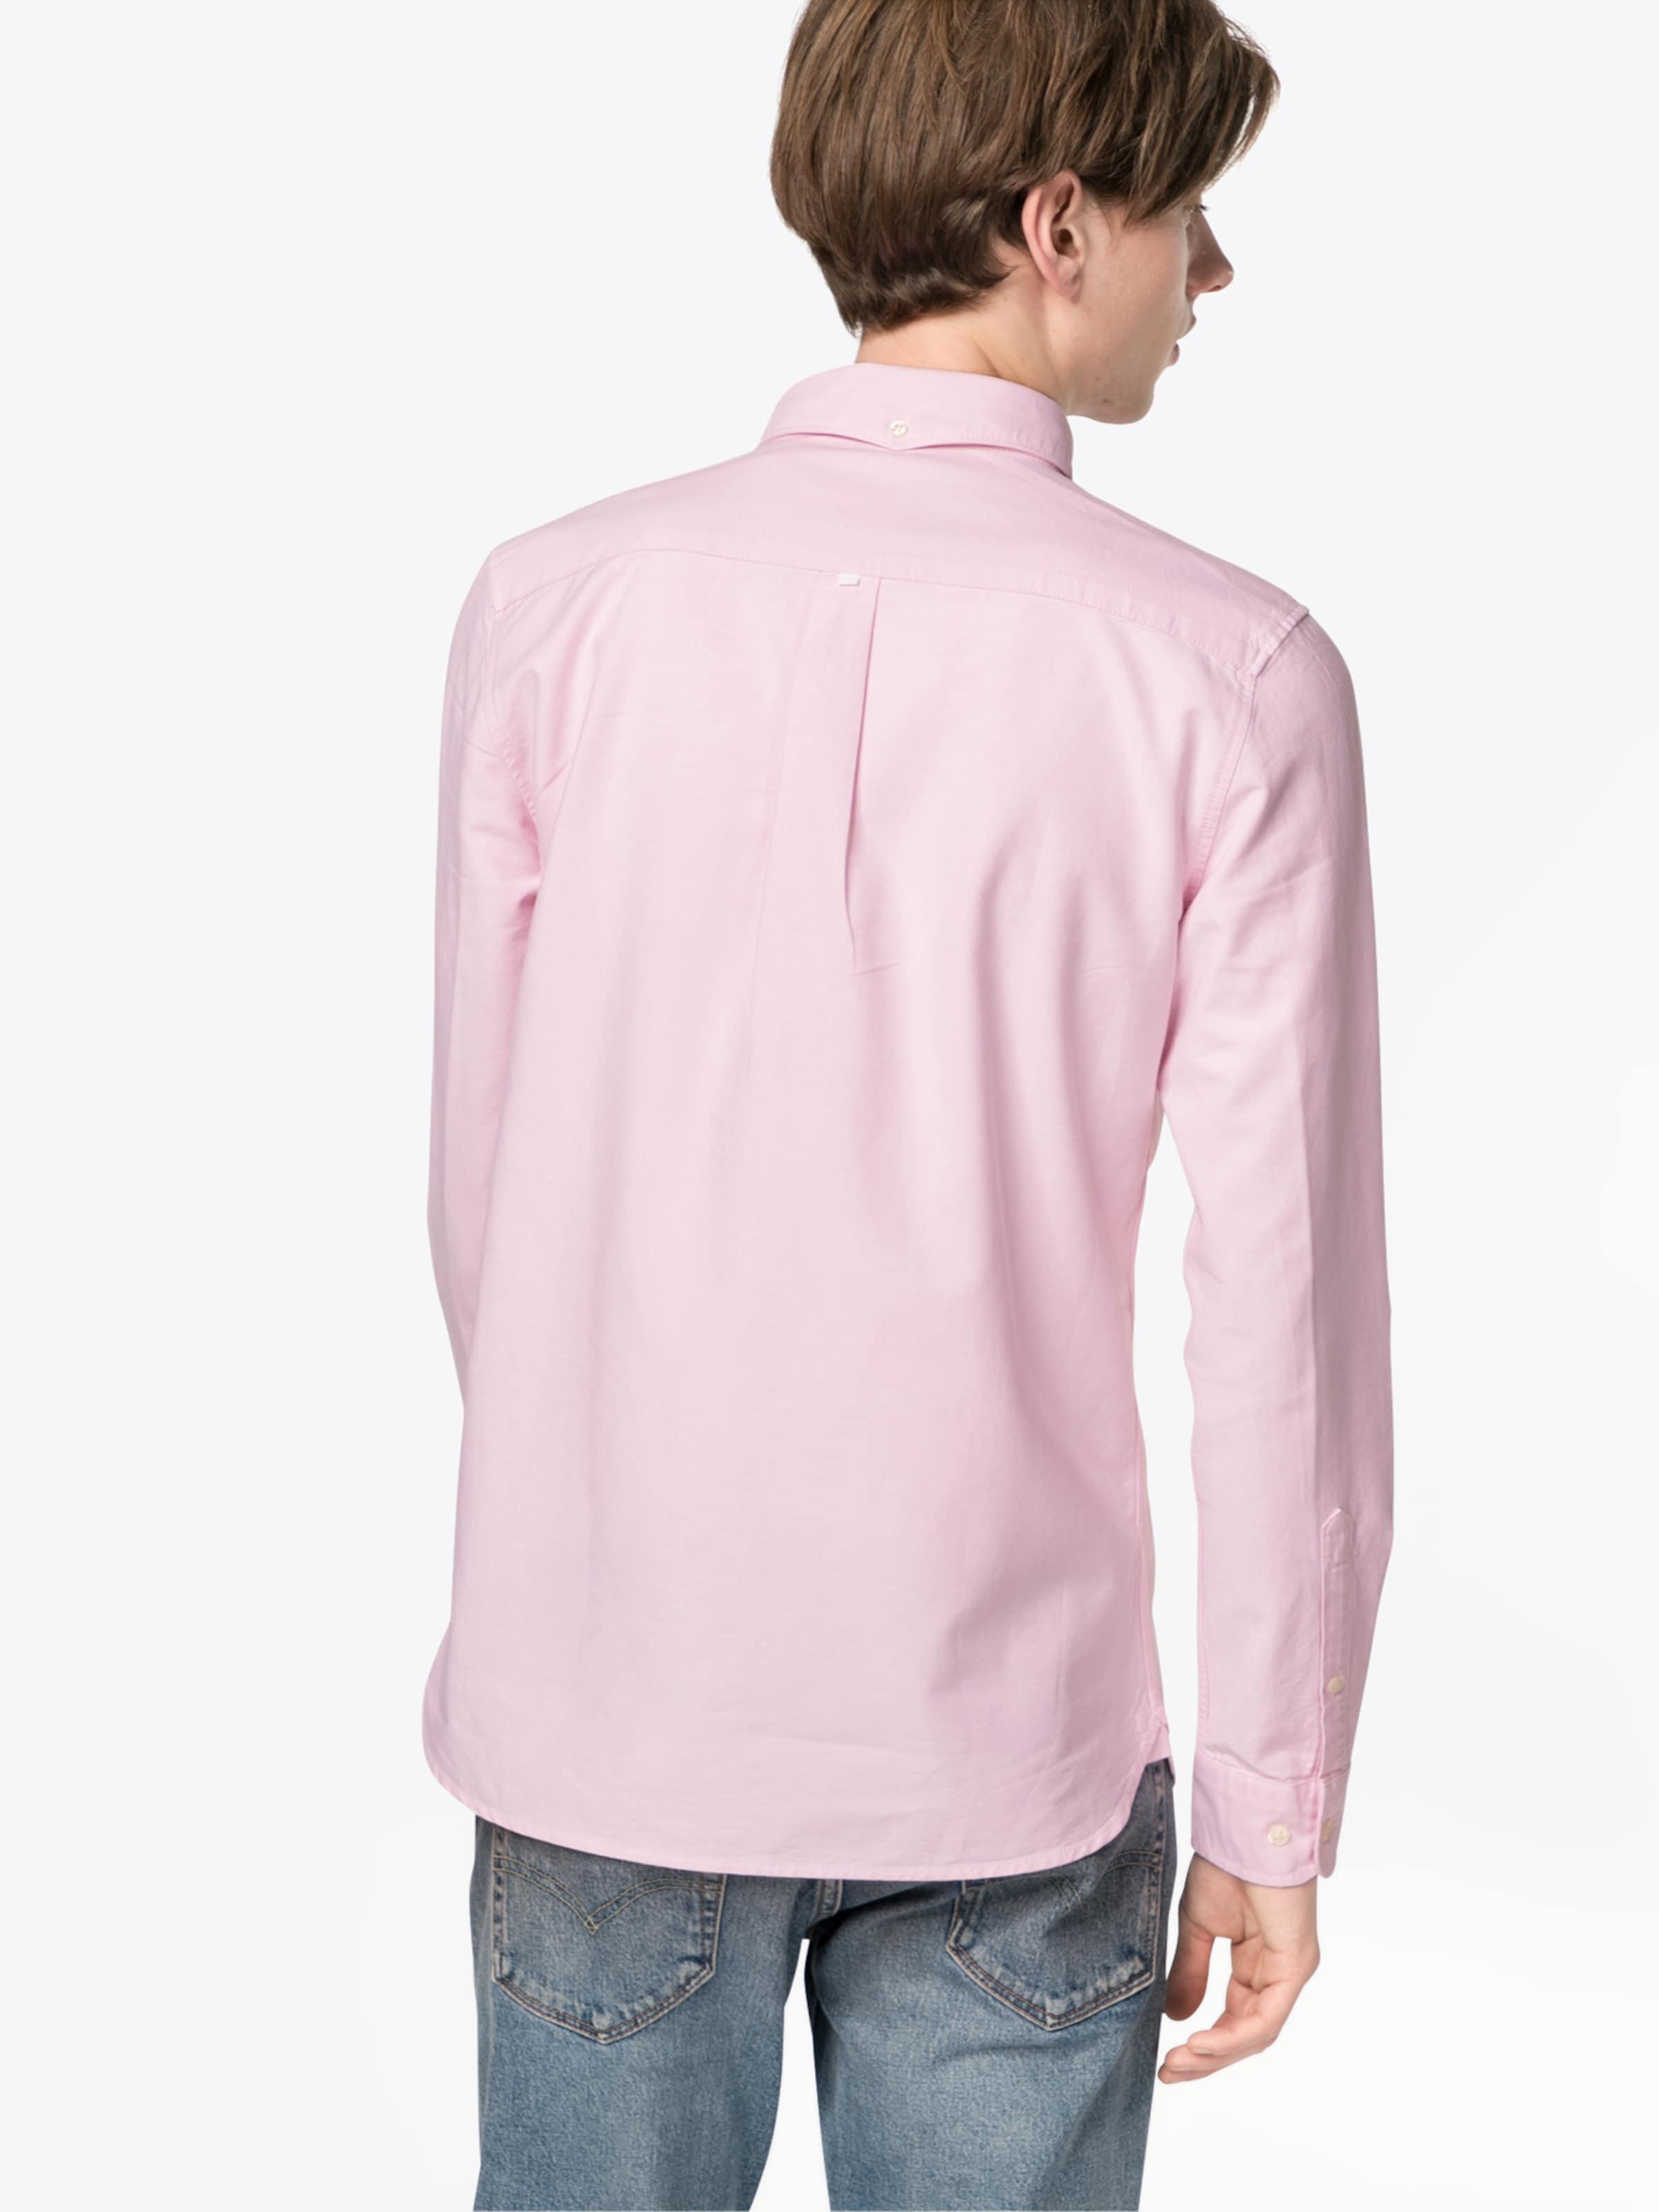 Erstaunlicher Preis Verkauf Online LACOSTE Freizeithemd Heißen Verkauf Günstig Online uwbzbmTY